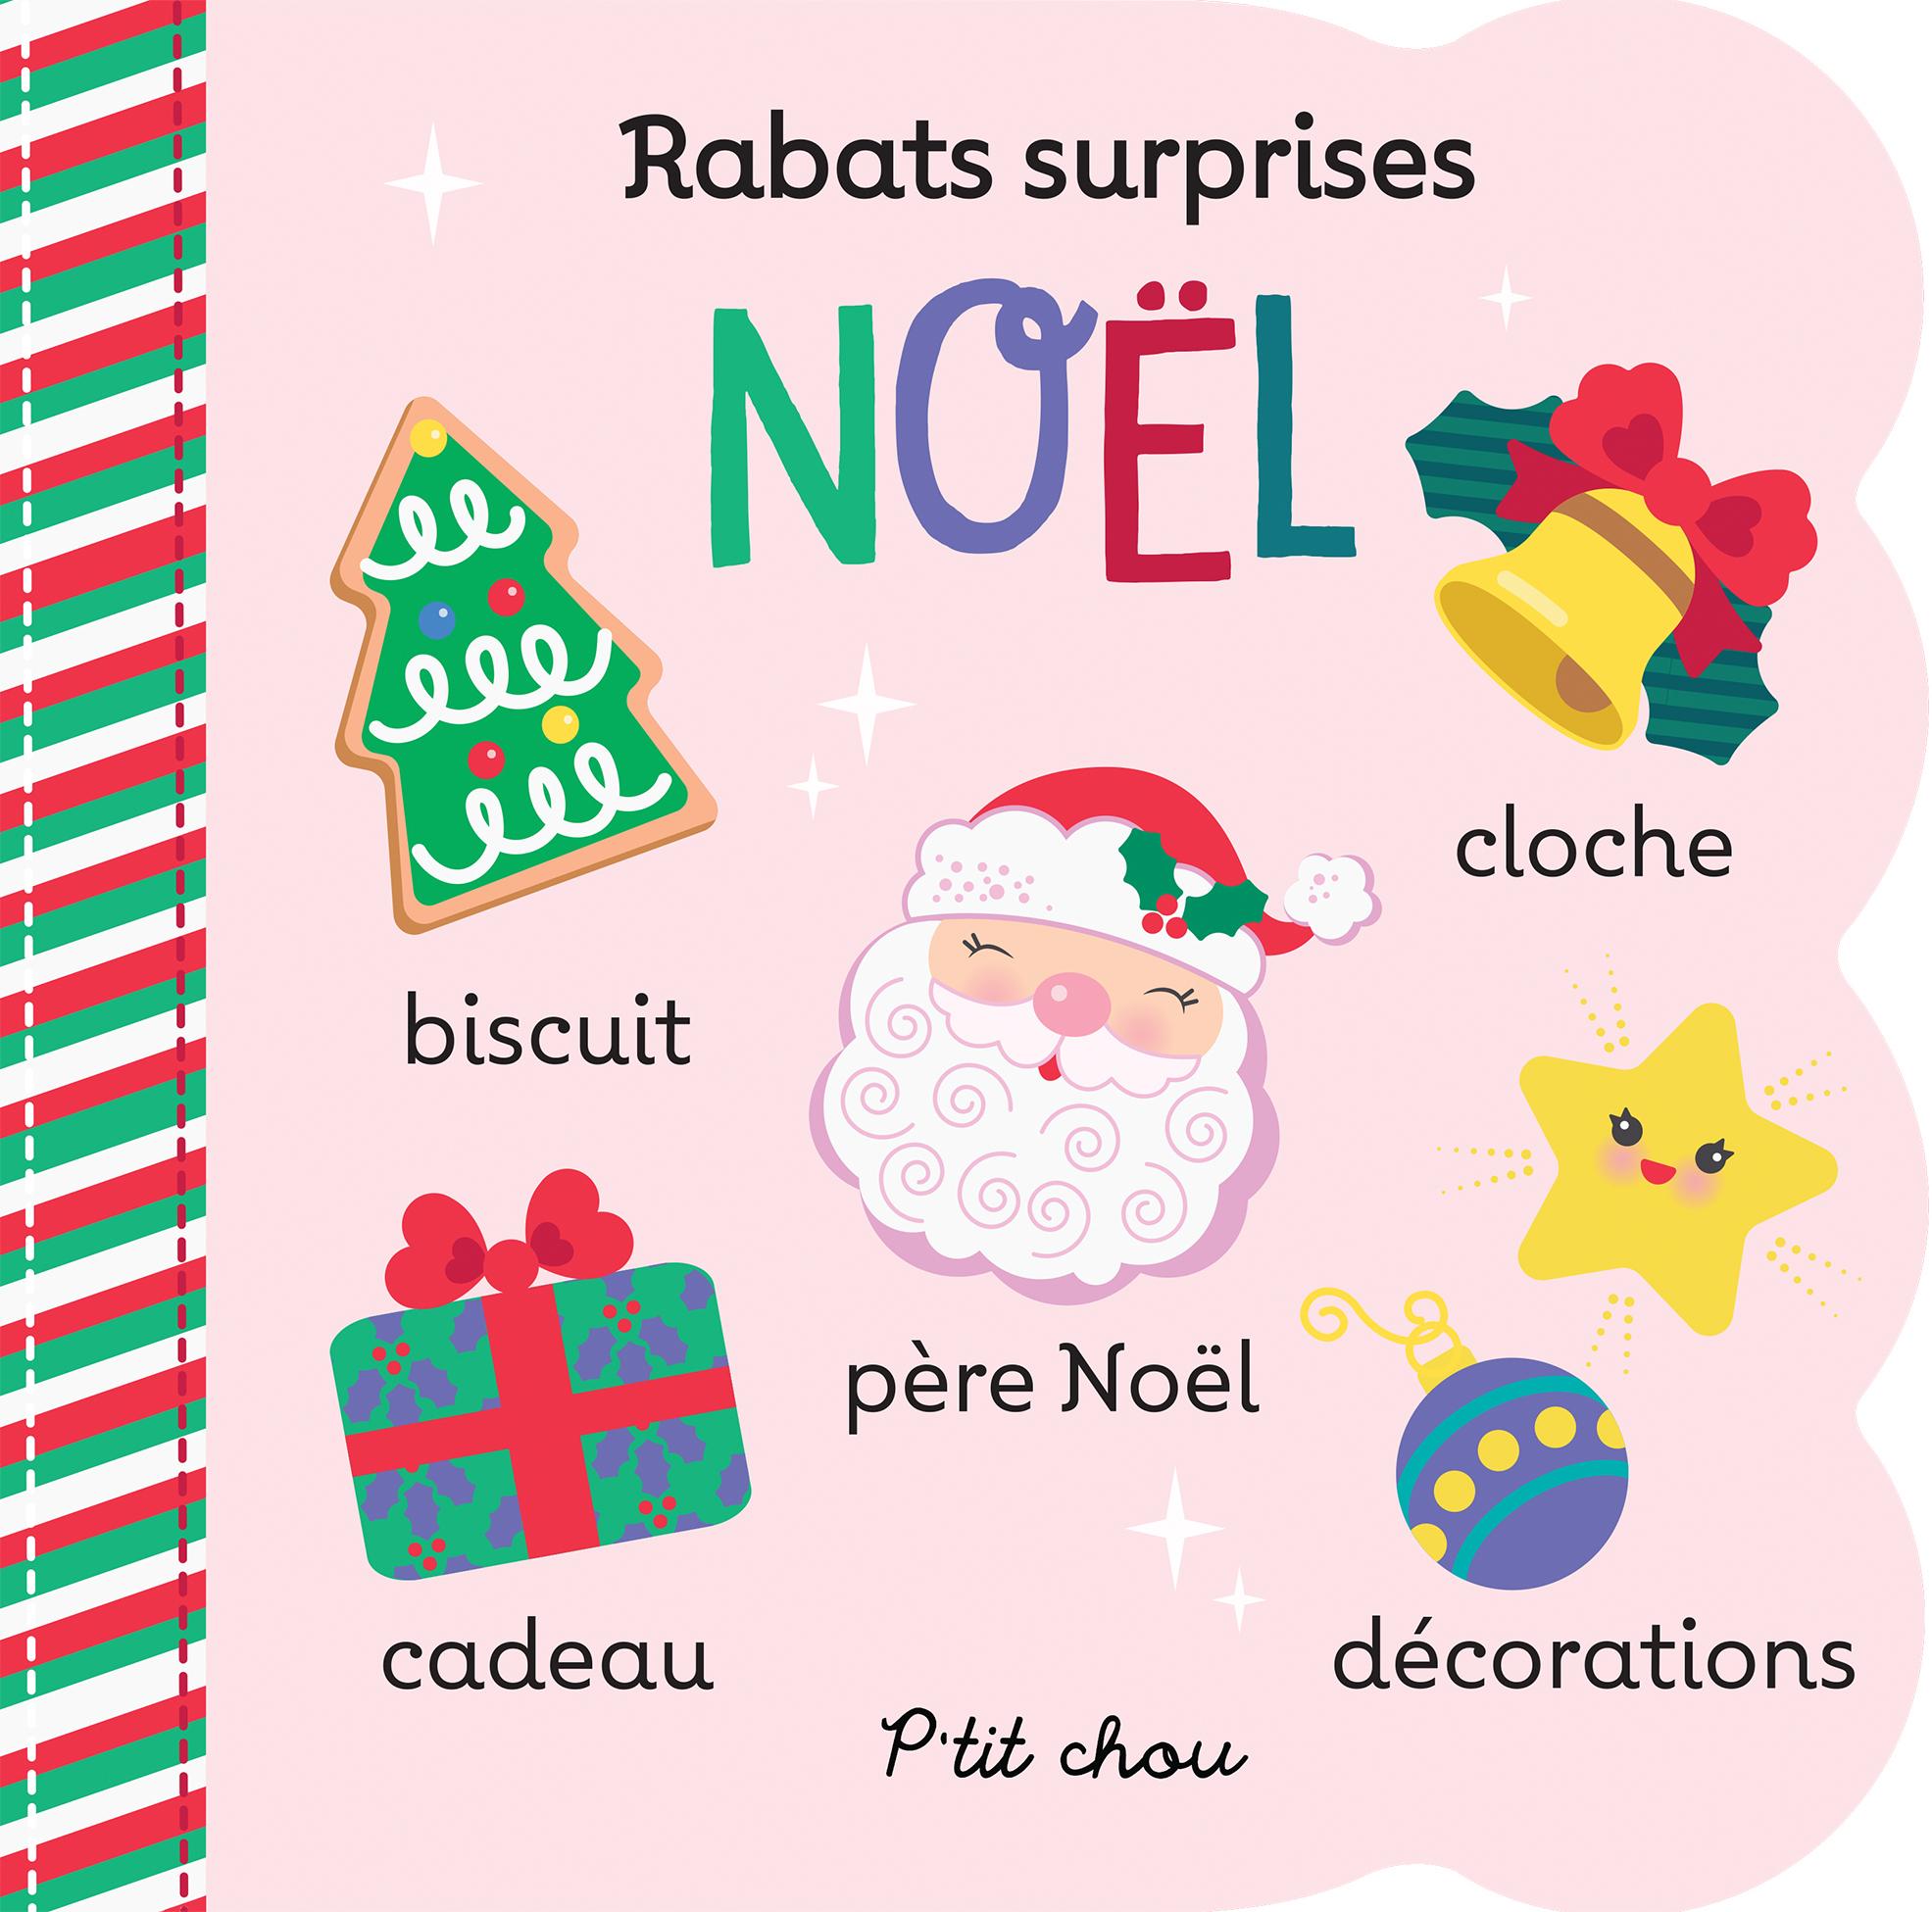 586-Cover_Noel-PtitChouRabats